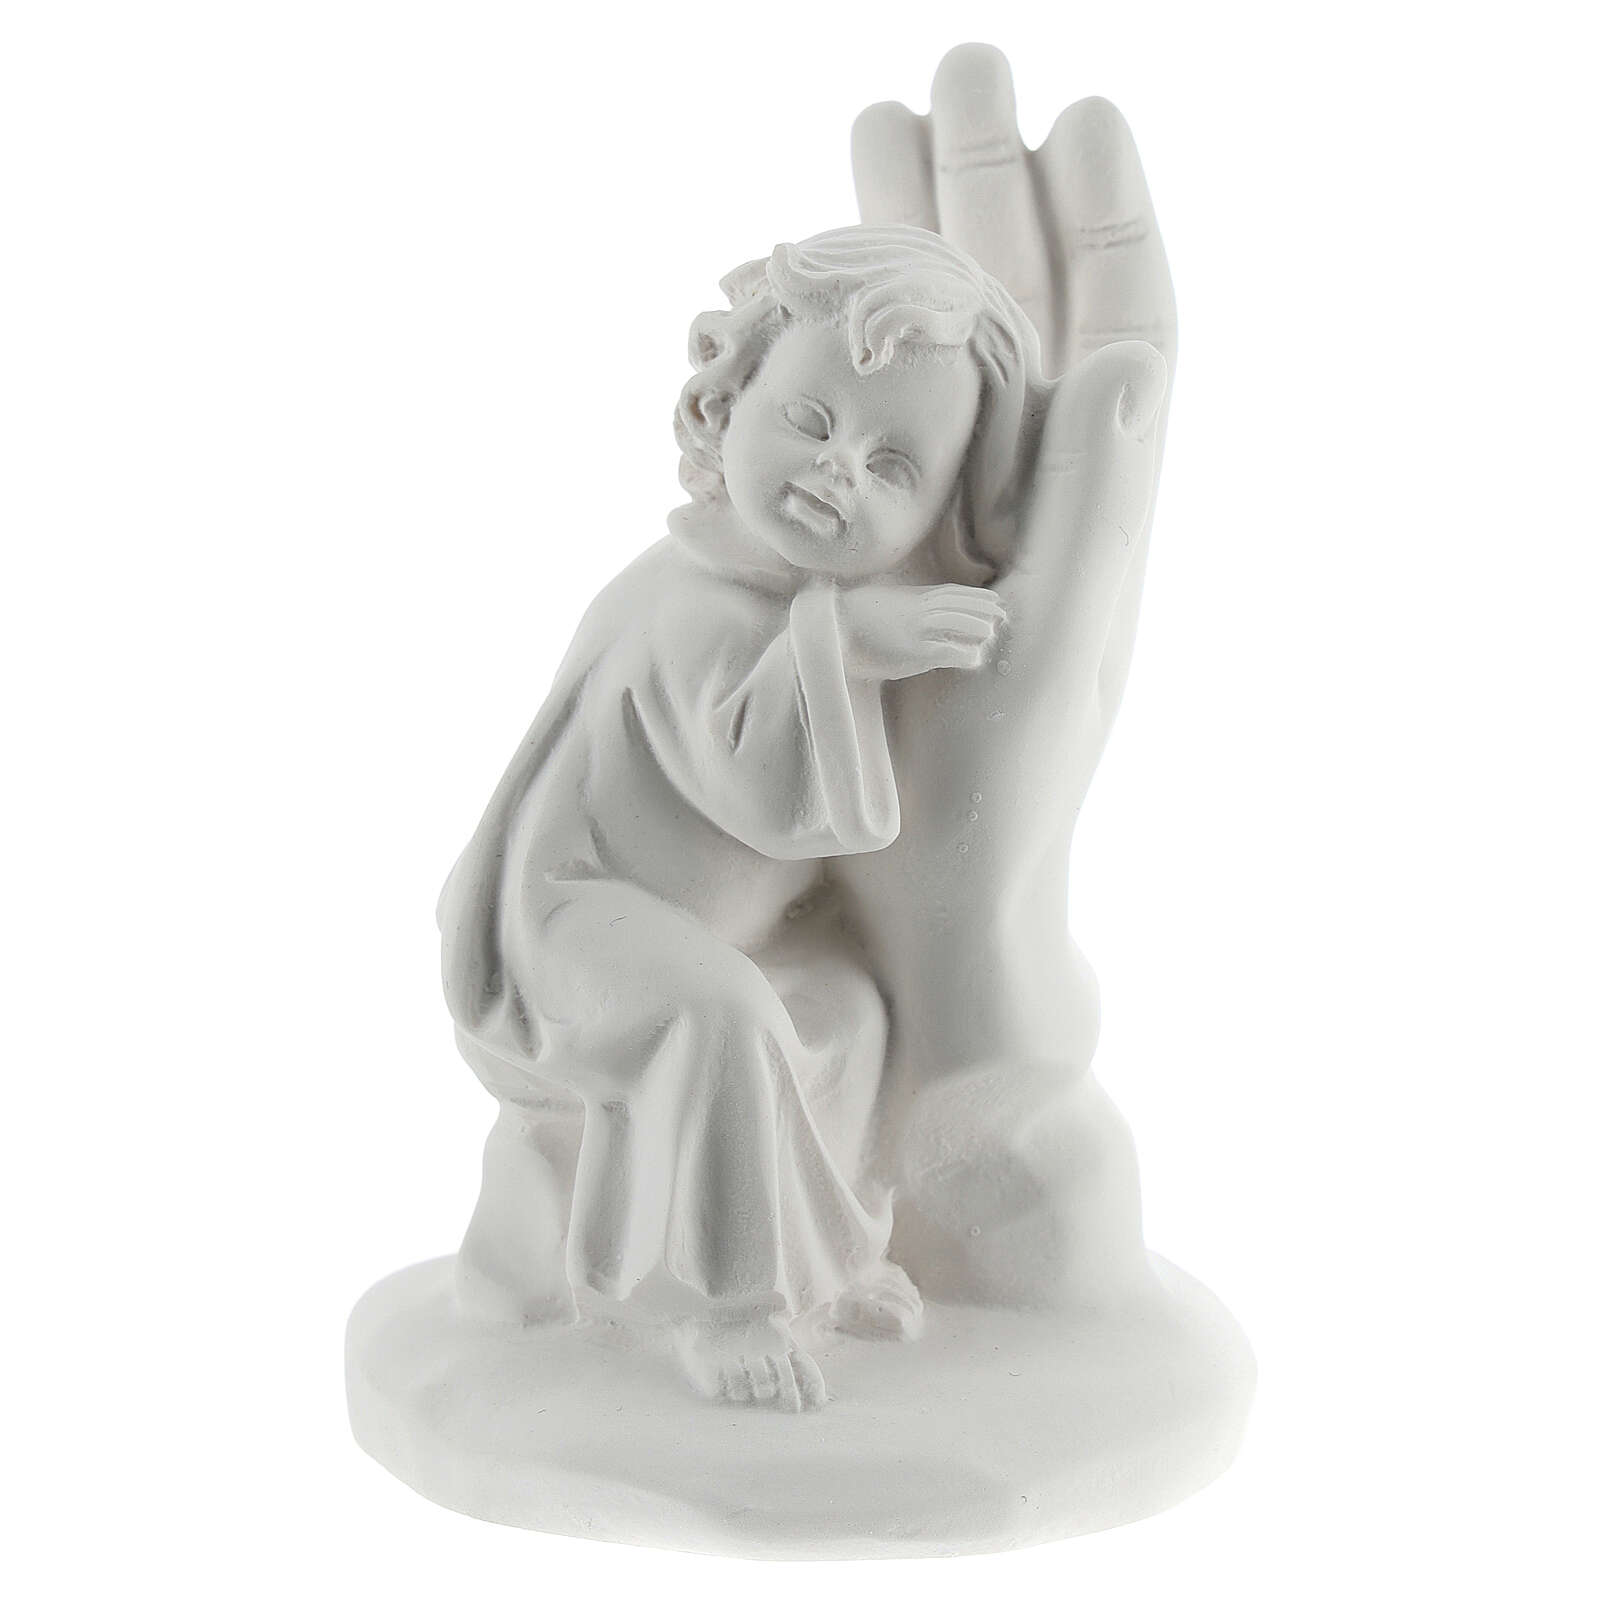 Niño apoyado en una mano resina 10 cm 3